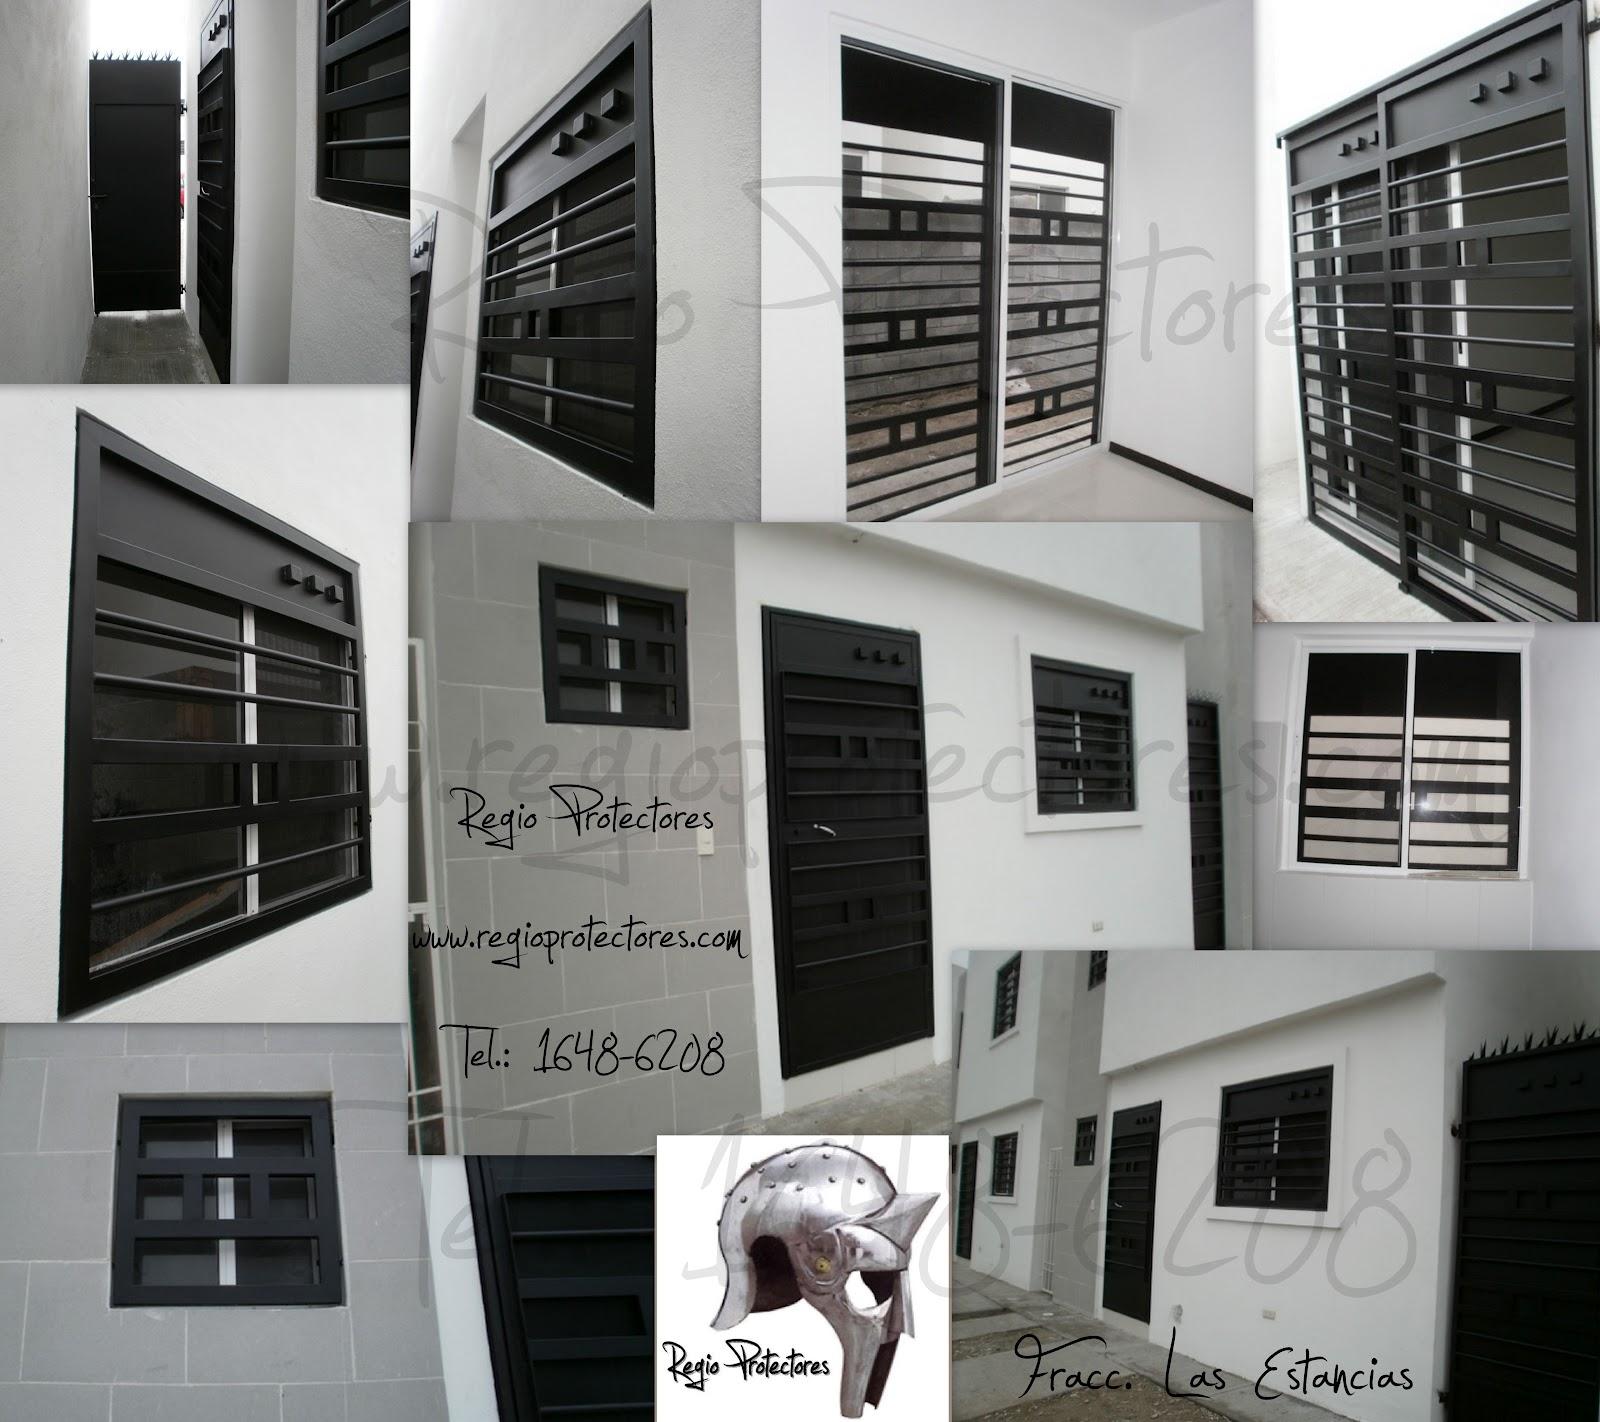 Regio protectores protectores para ventanas y puertas - Proteccion para casas ...